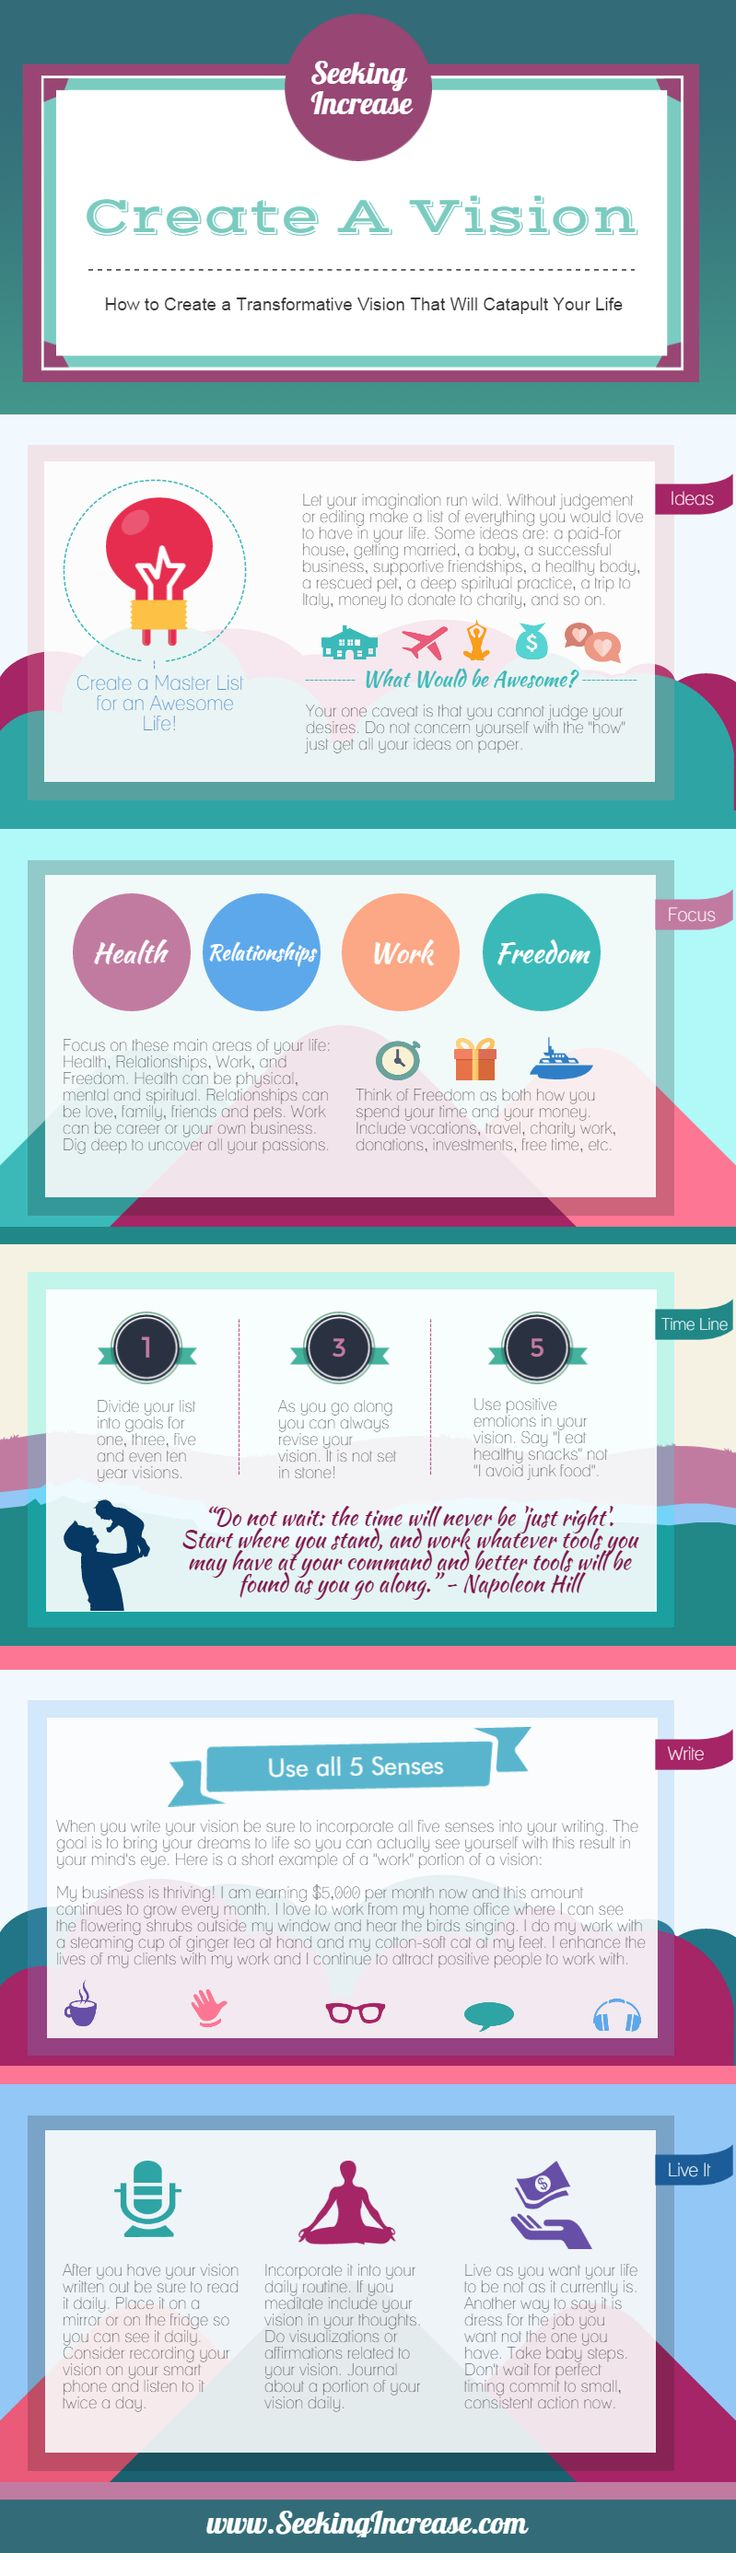 Best 20+ Vision statement ideas on Pinterest